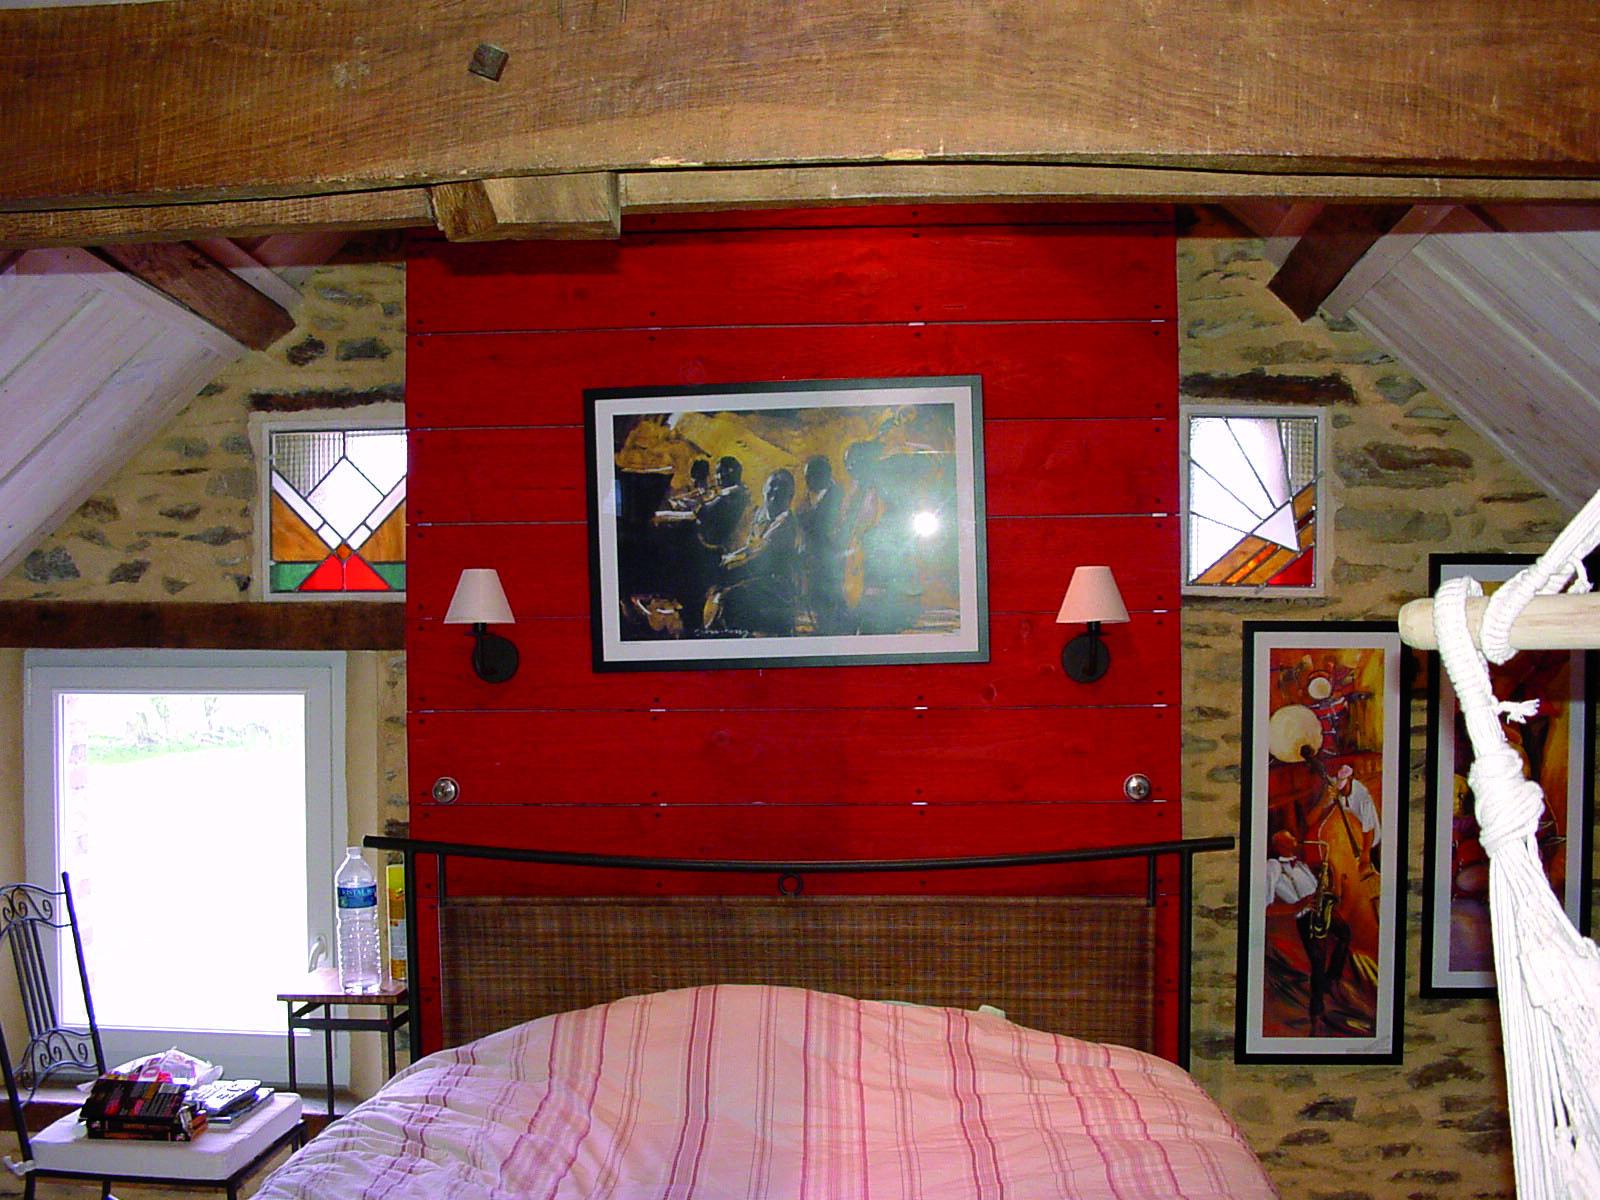 vitraux fabriqués sur mesure pour deux lucarnes offrant de la lumiere le jour et se transformant en lampe la nuit.